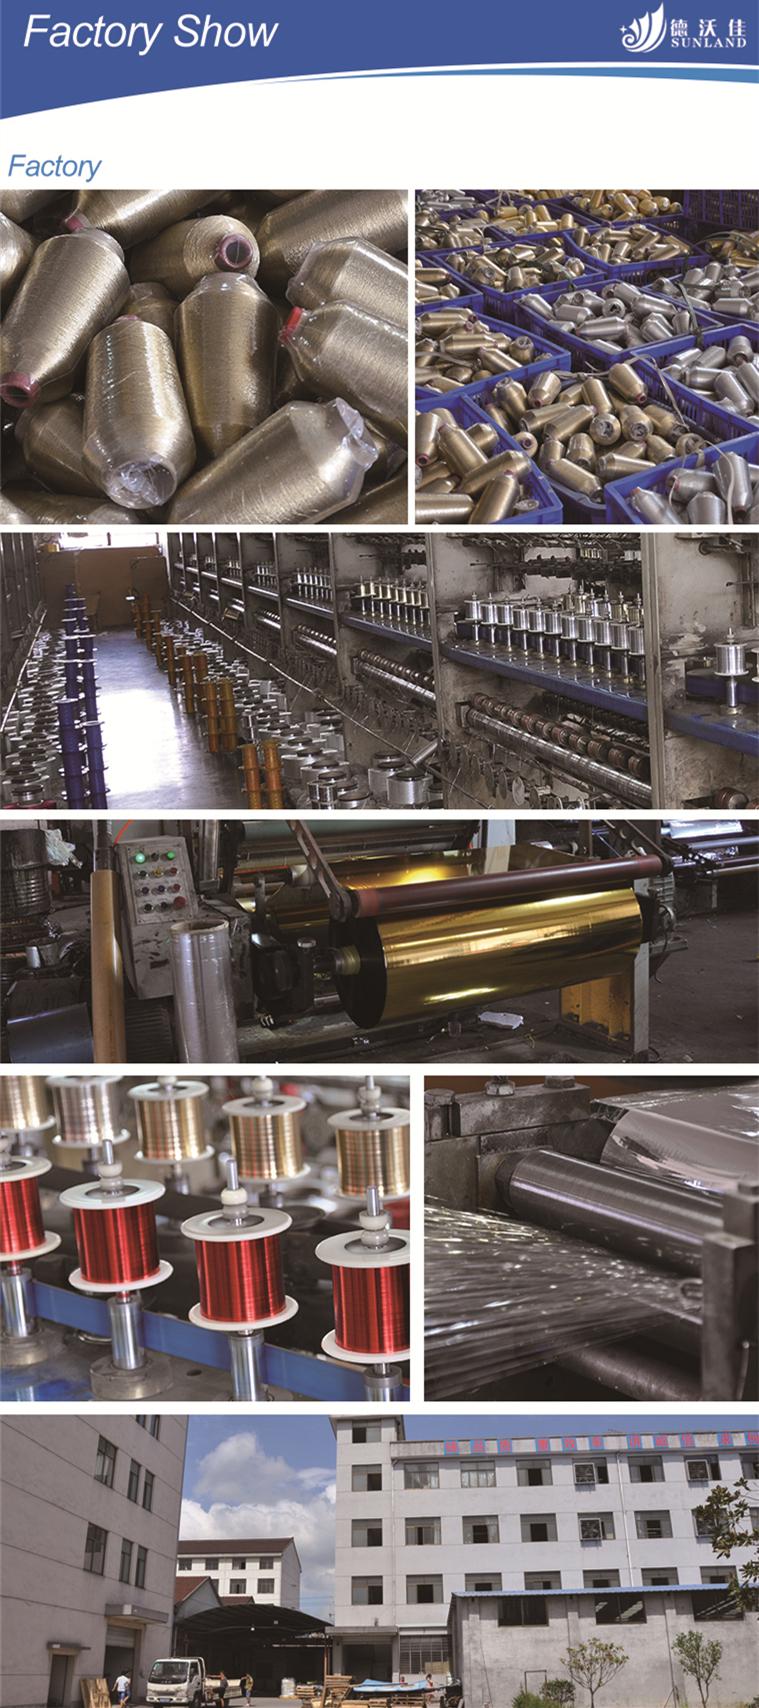 Metallic Yarn Factory